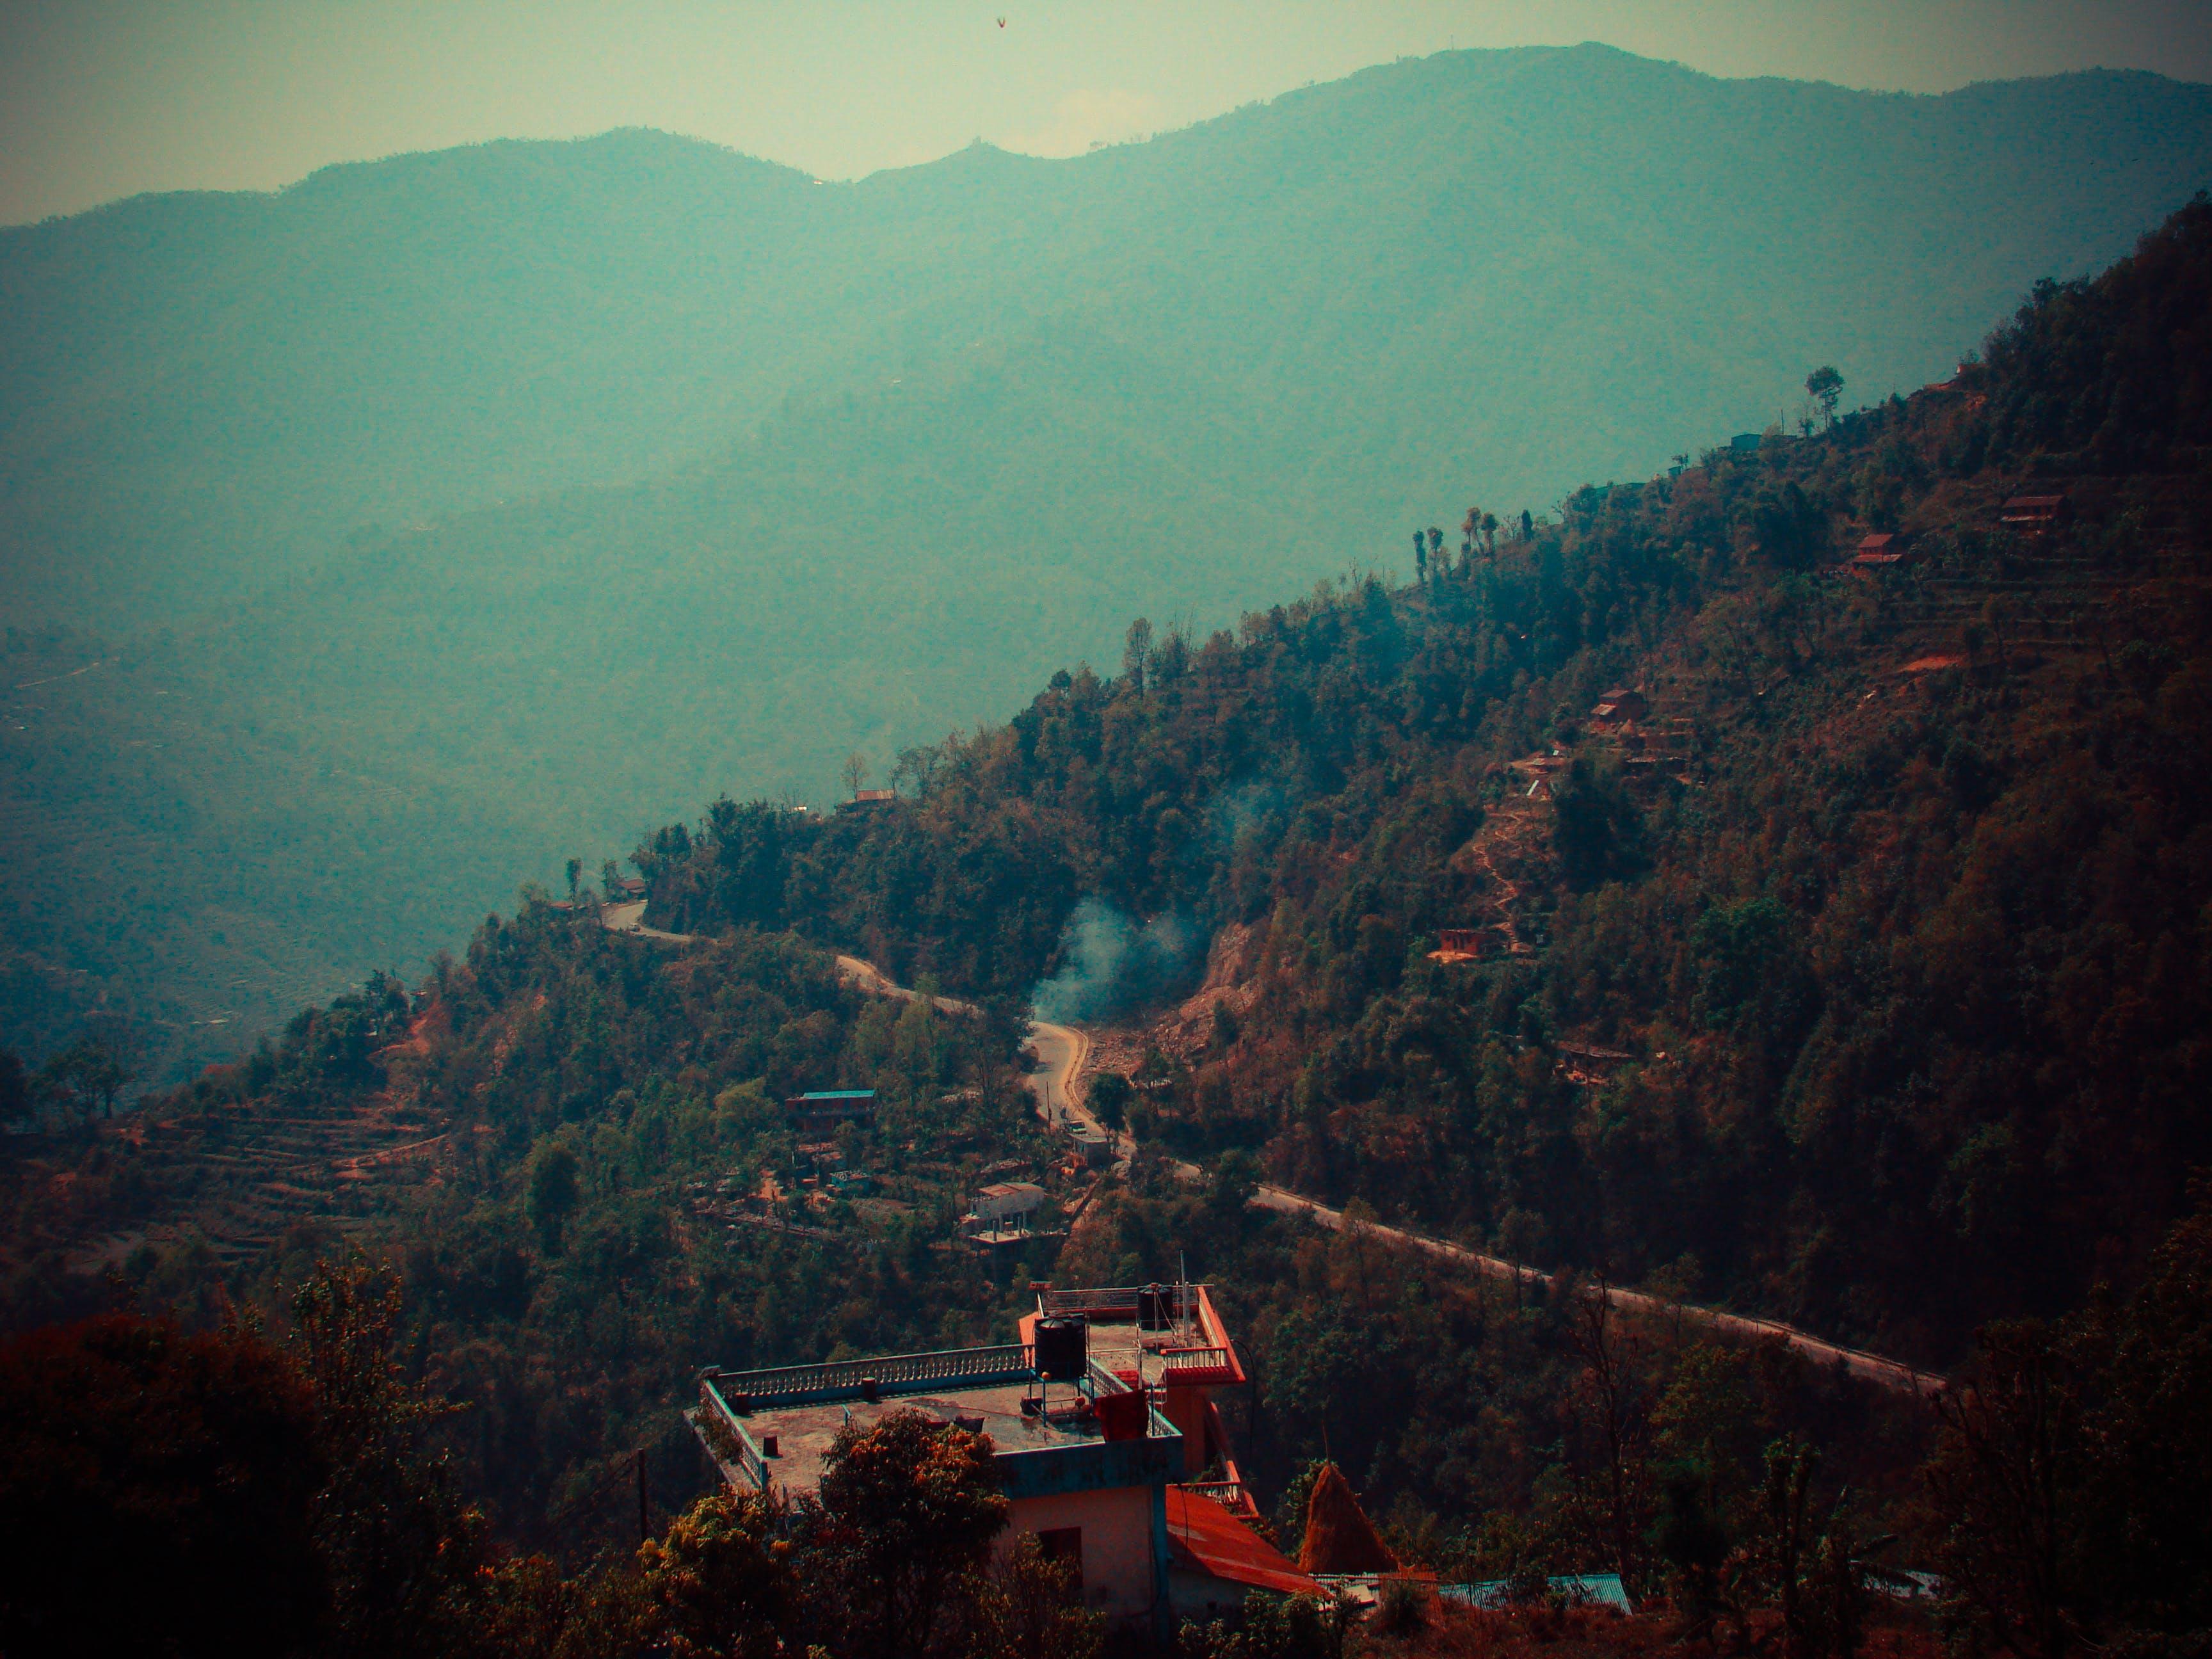 Ảnh lưu trữ miễn phí về nepal, núi, Thiên nhiên, đồi núi